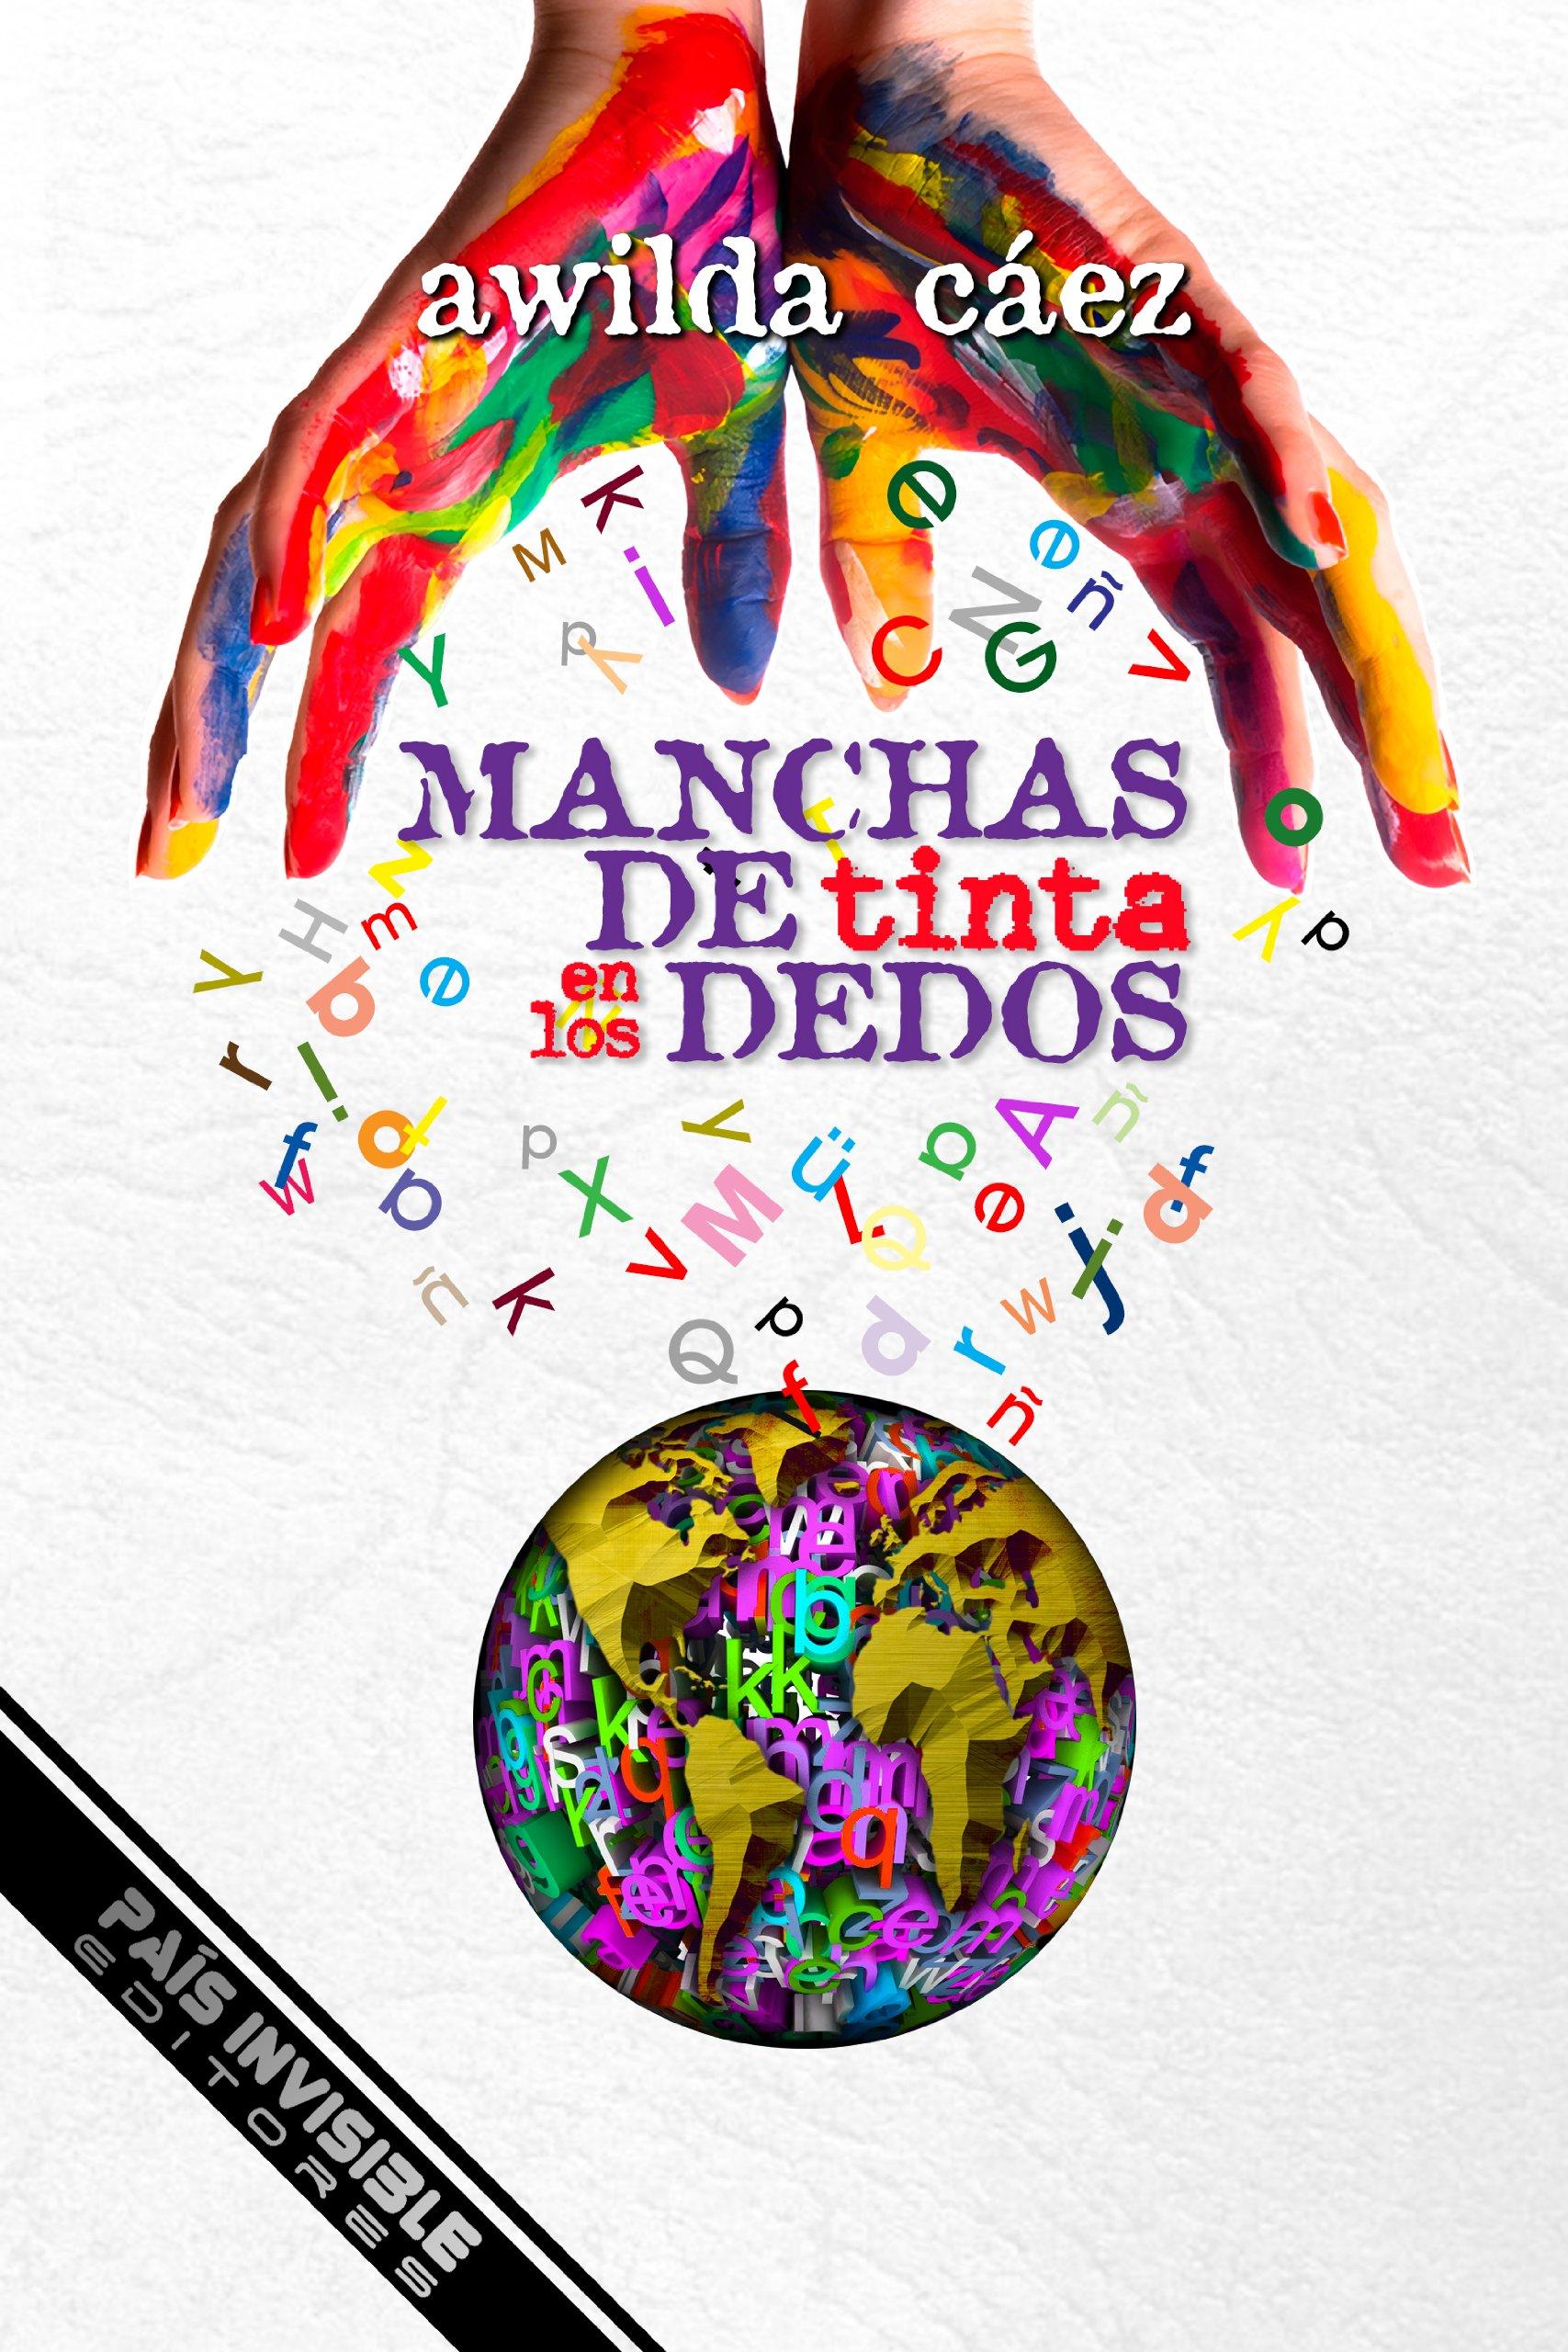 Manchas de tinta en los dedos (Spanish Edition): Awilda Caez:  9780988557703: Amazon.com: Books